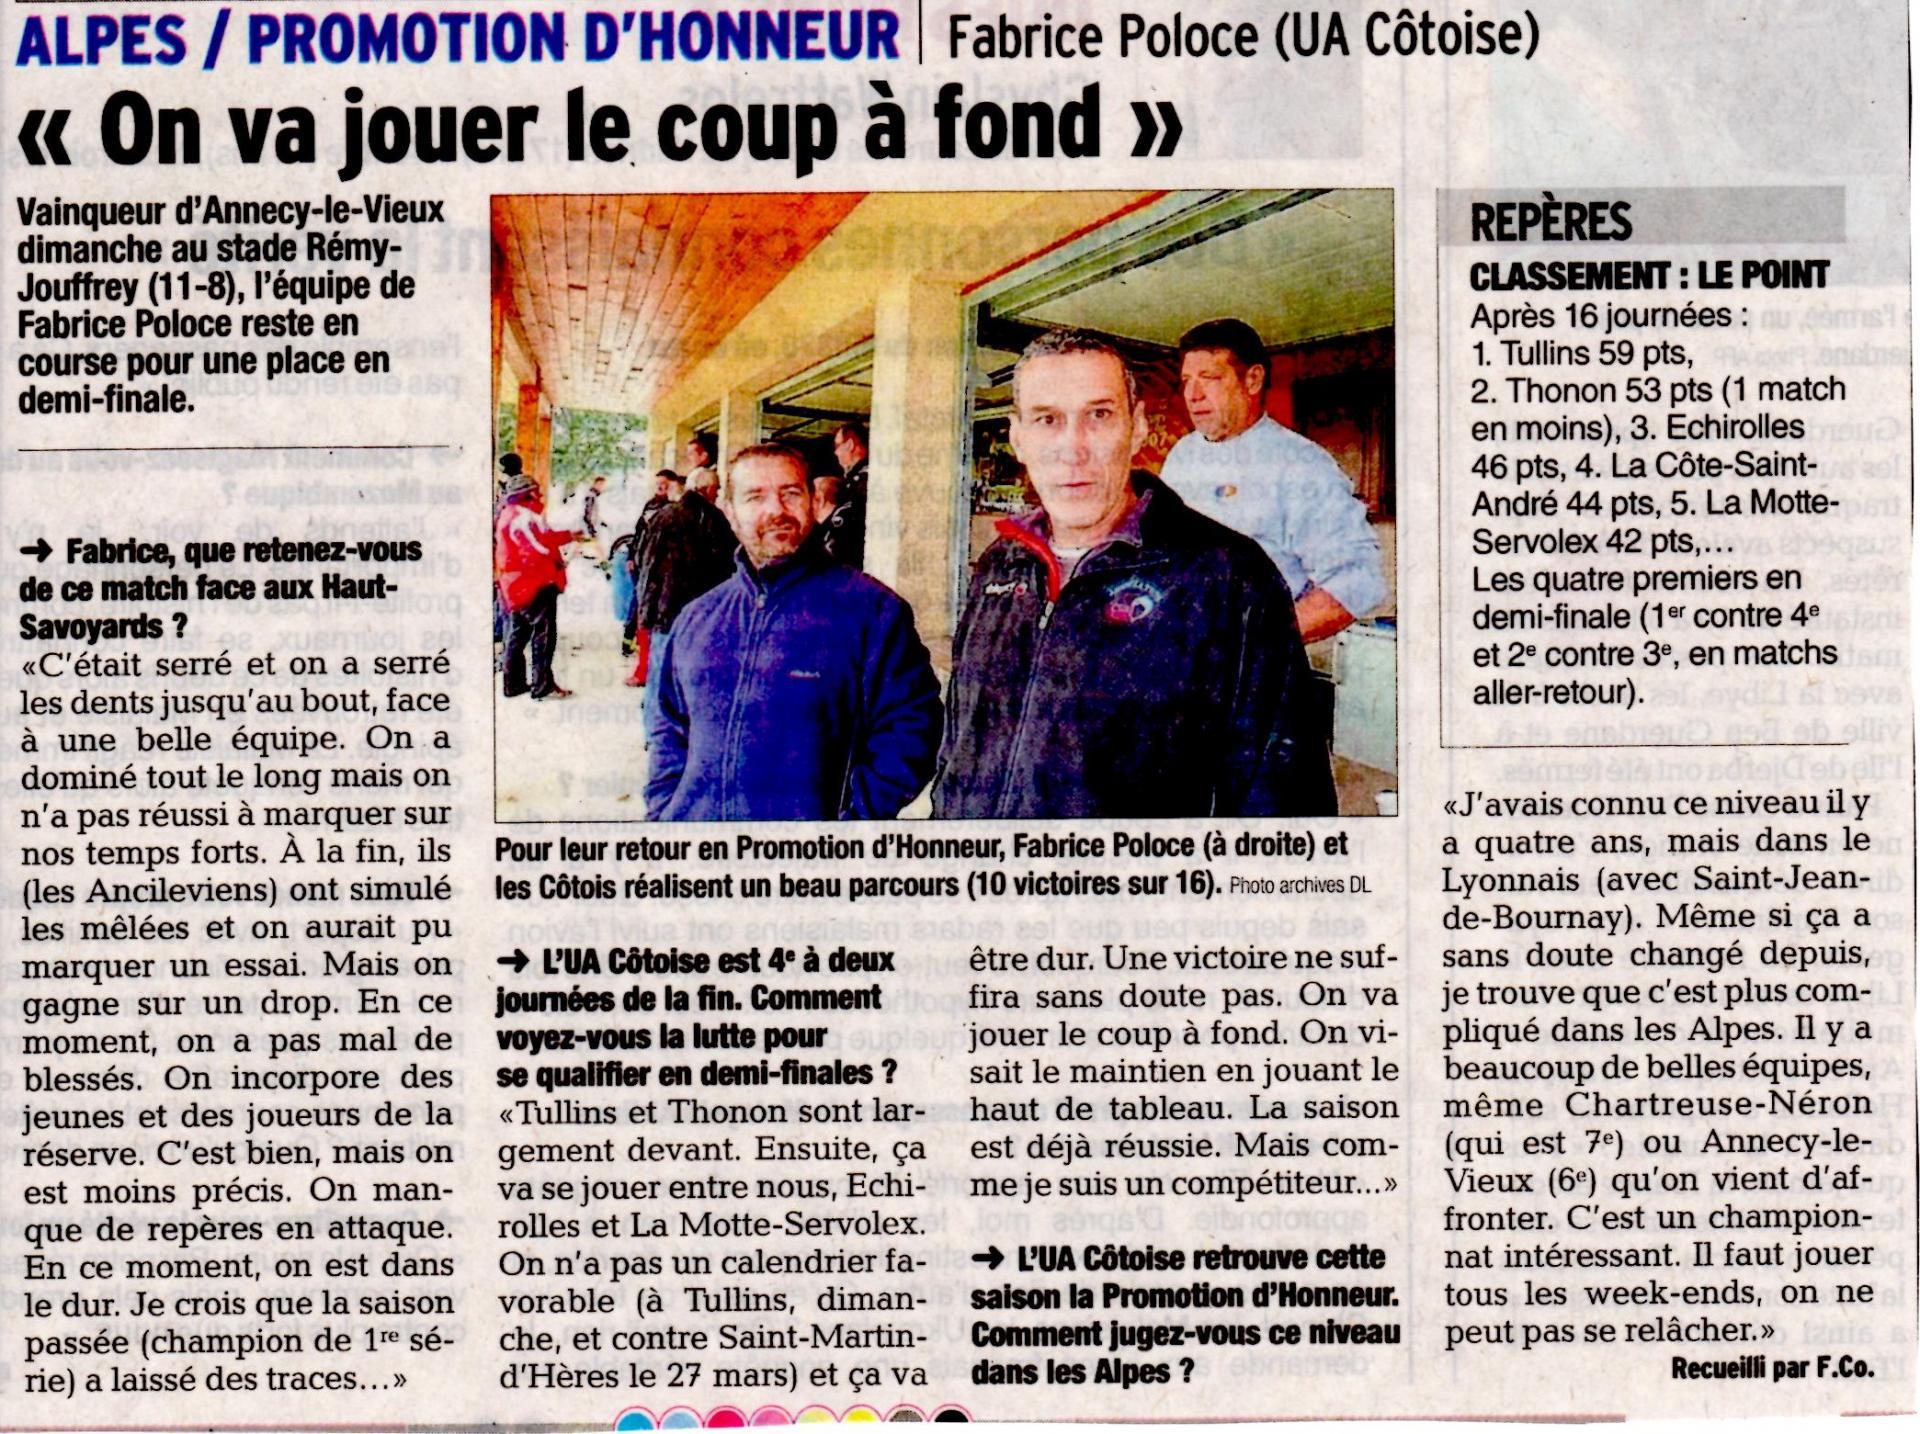 Article paru dauphine libere du 8 mars 2016